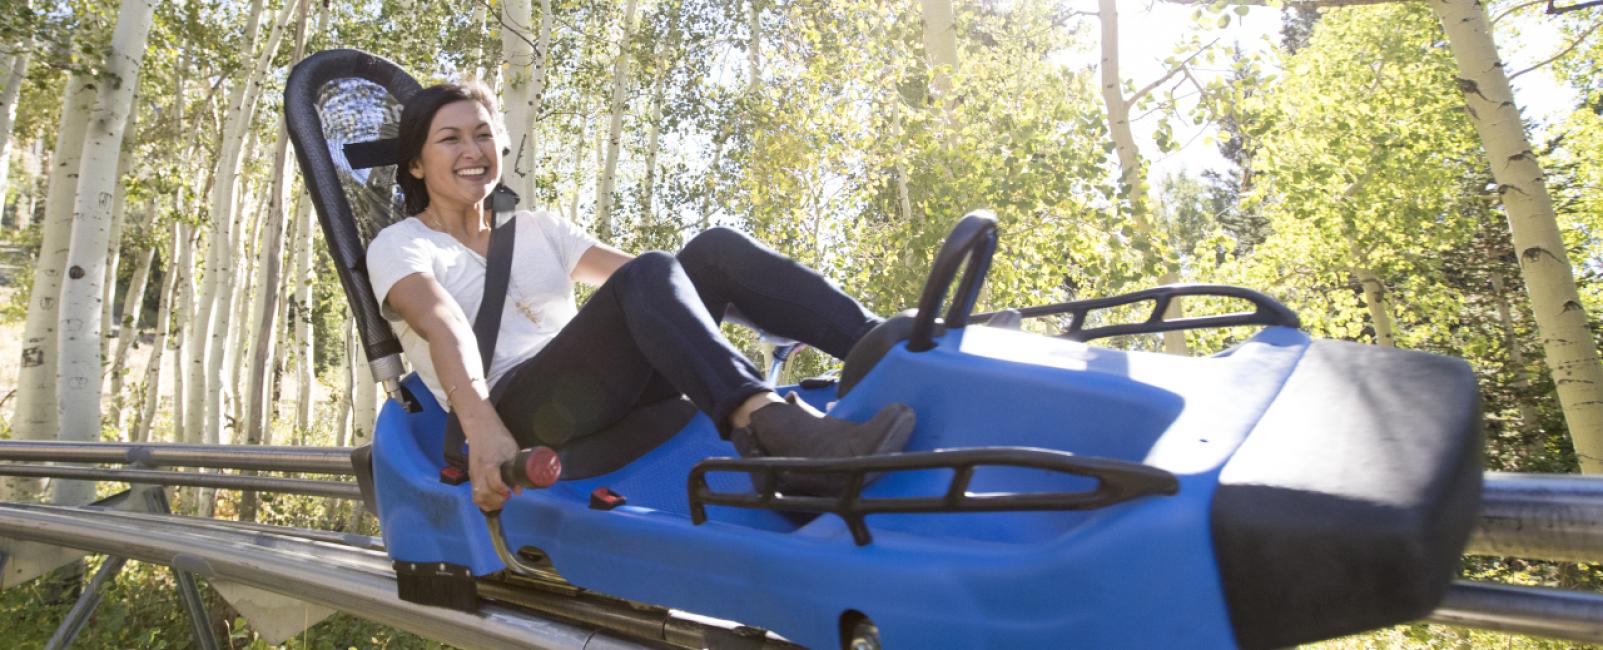 Summer Fun at Utah Ski Resorts